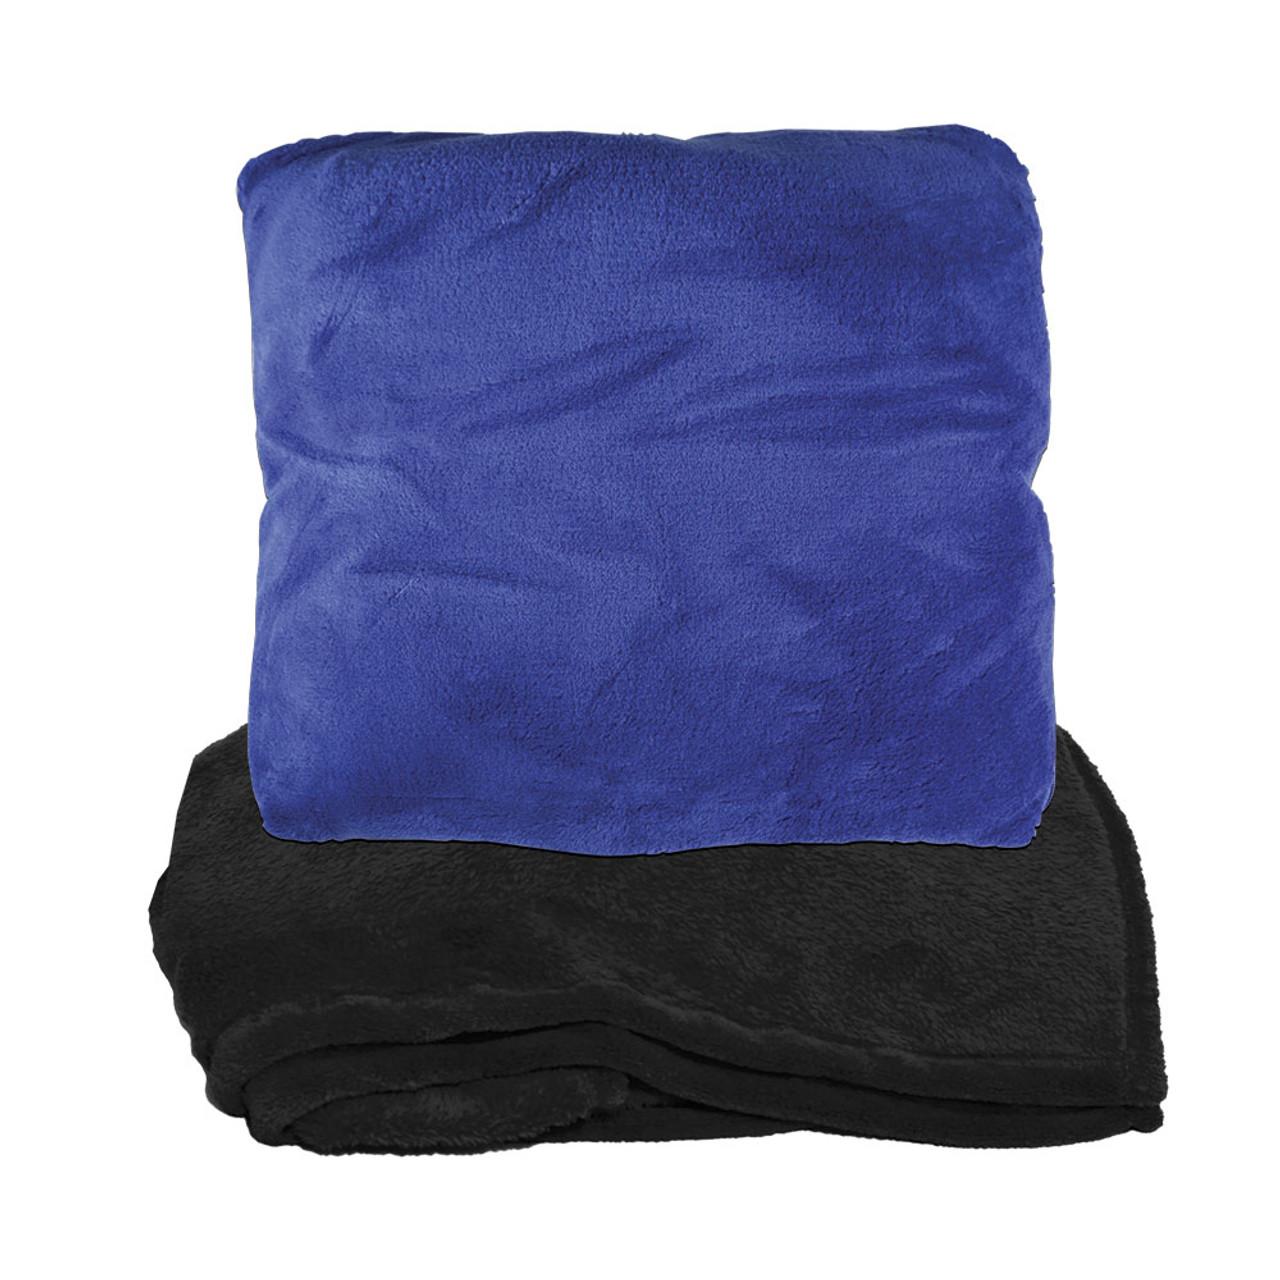 Coral Fleece Zip Up Pillow Blanket